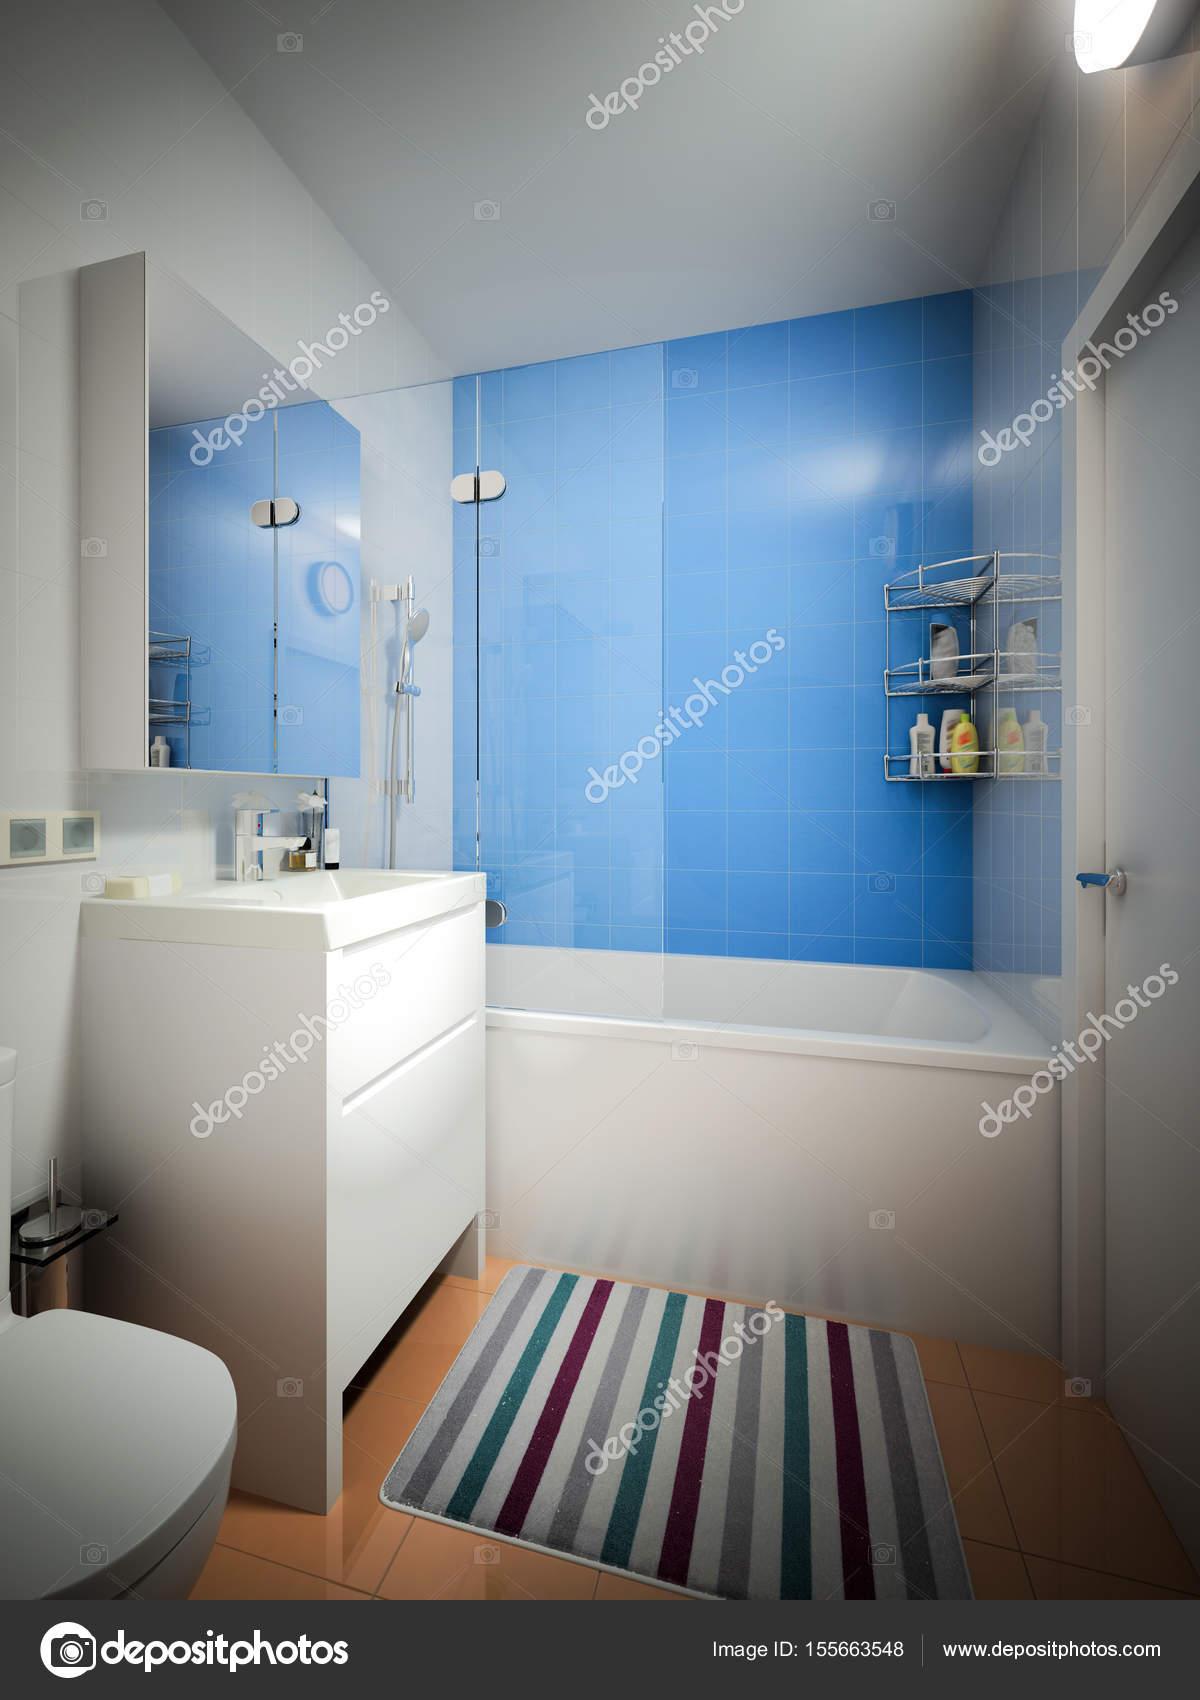 Moderne städtische zeitgenössische Badezimmer Wc Interieur ...